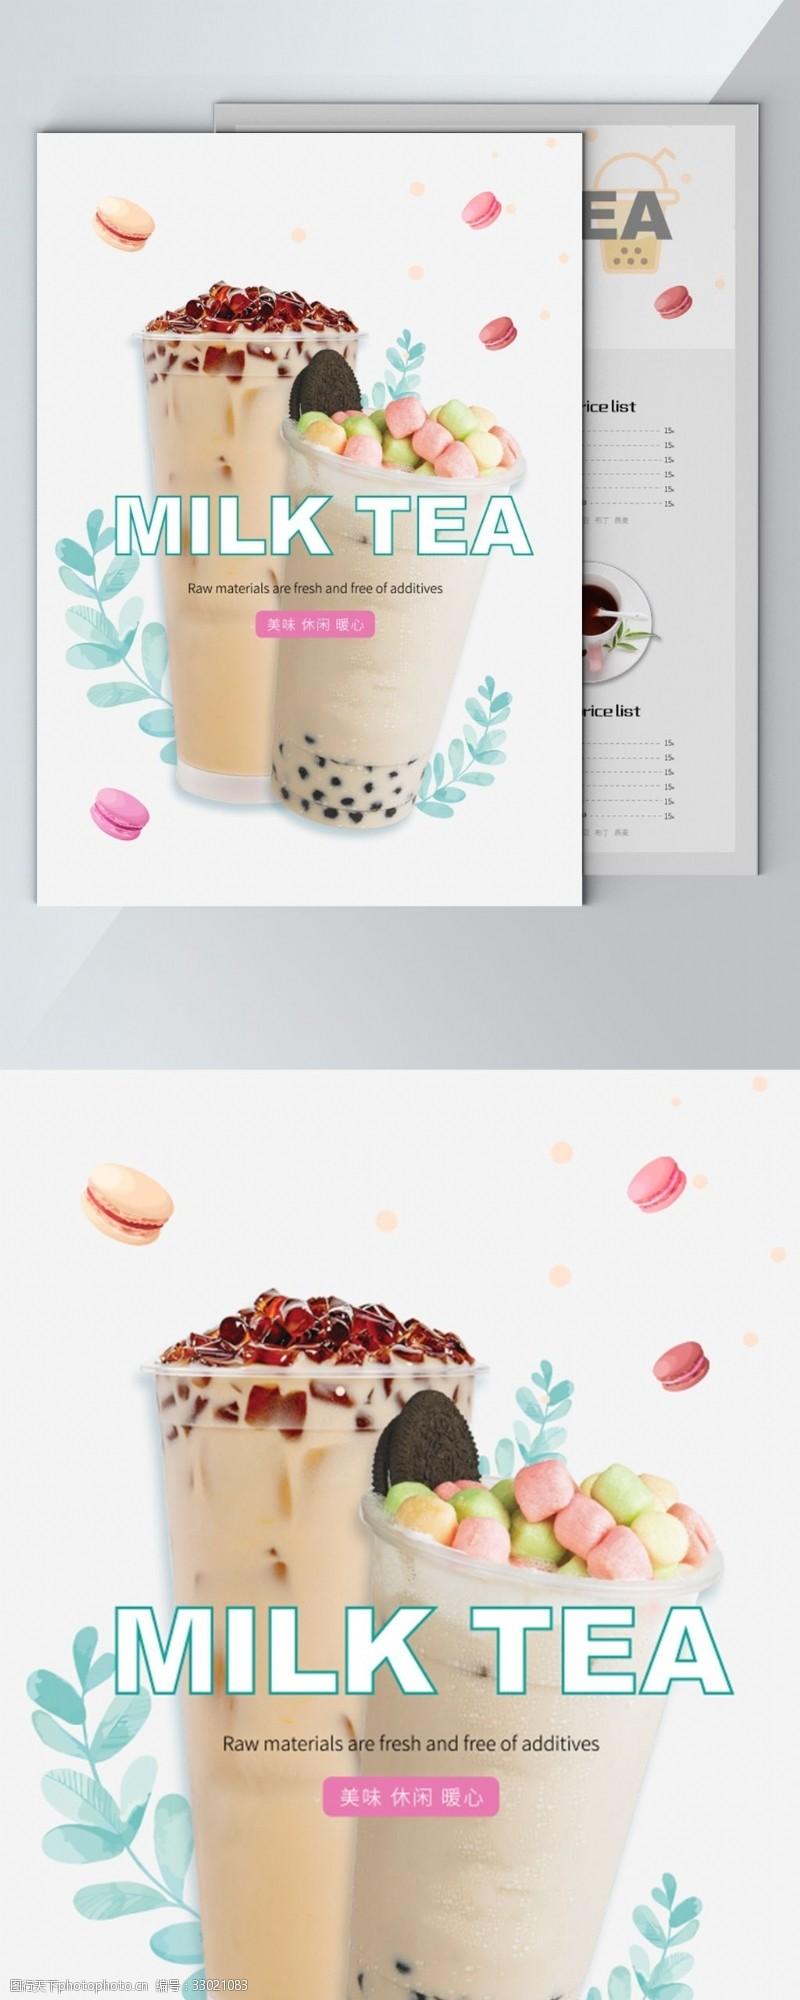 千圖精選奶茶下午茶菜單DM單